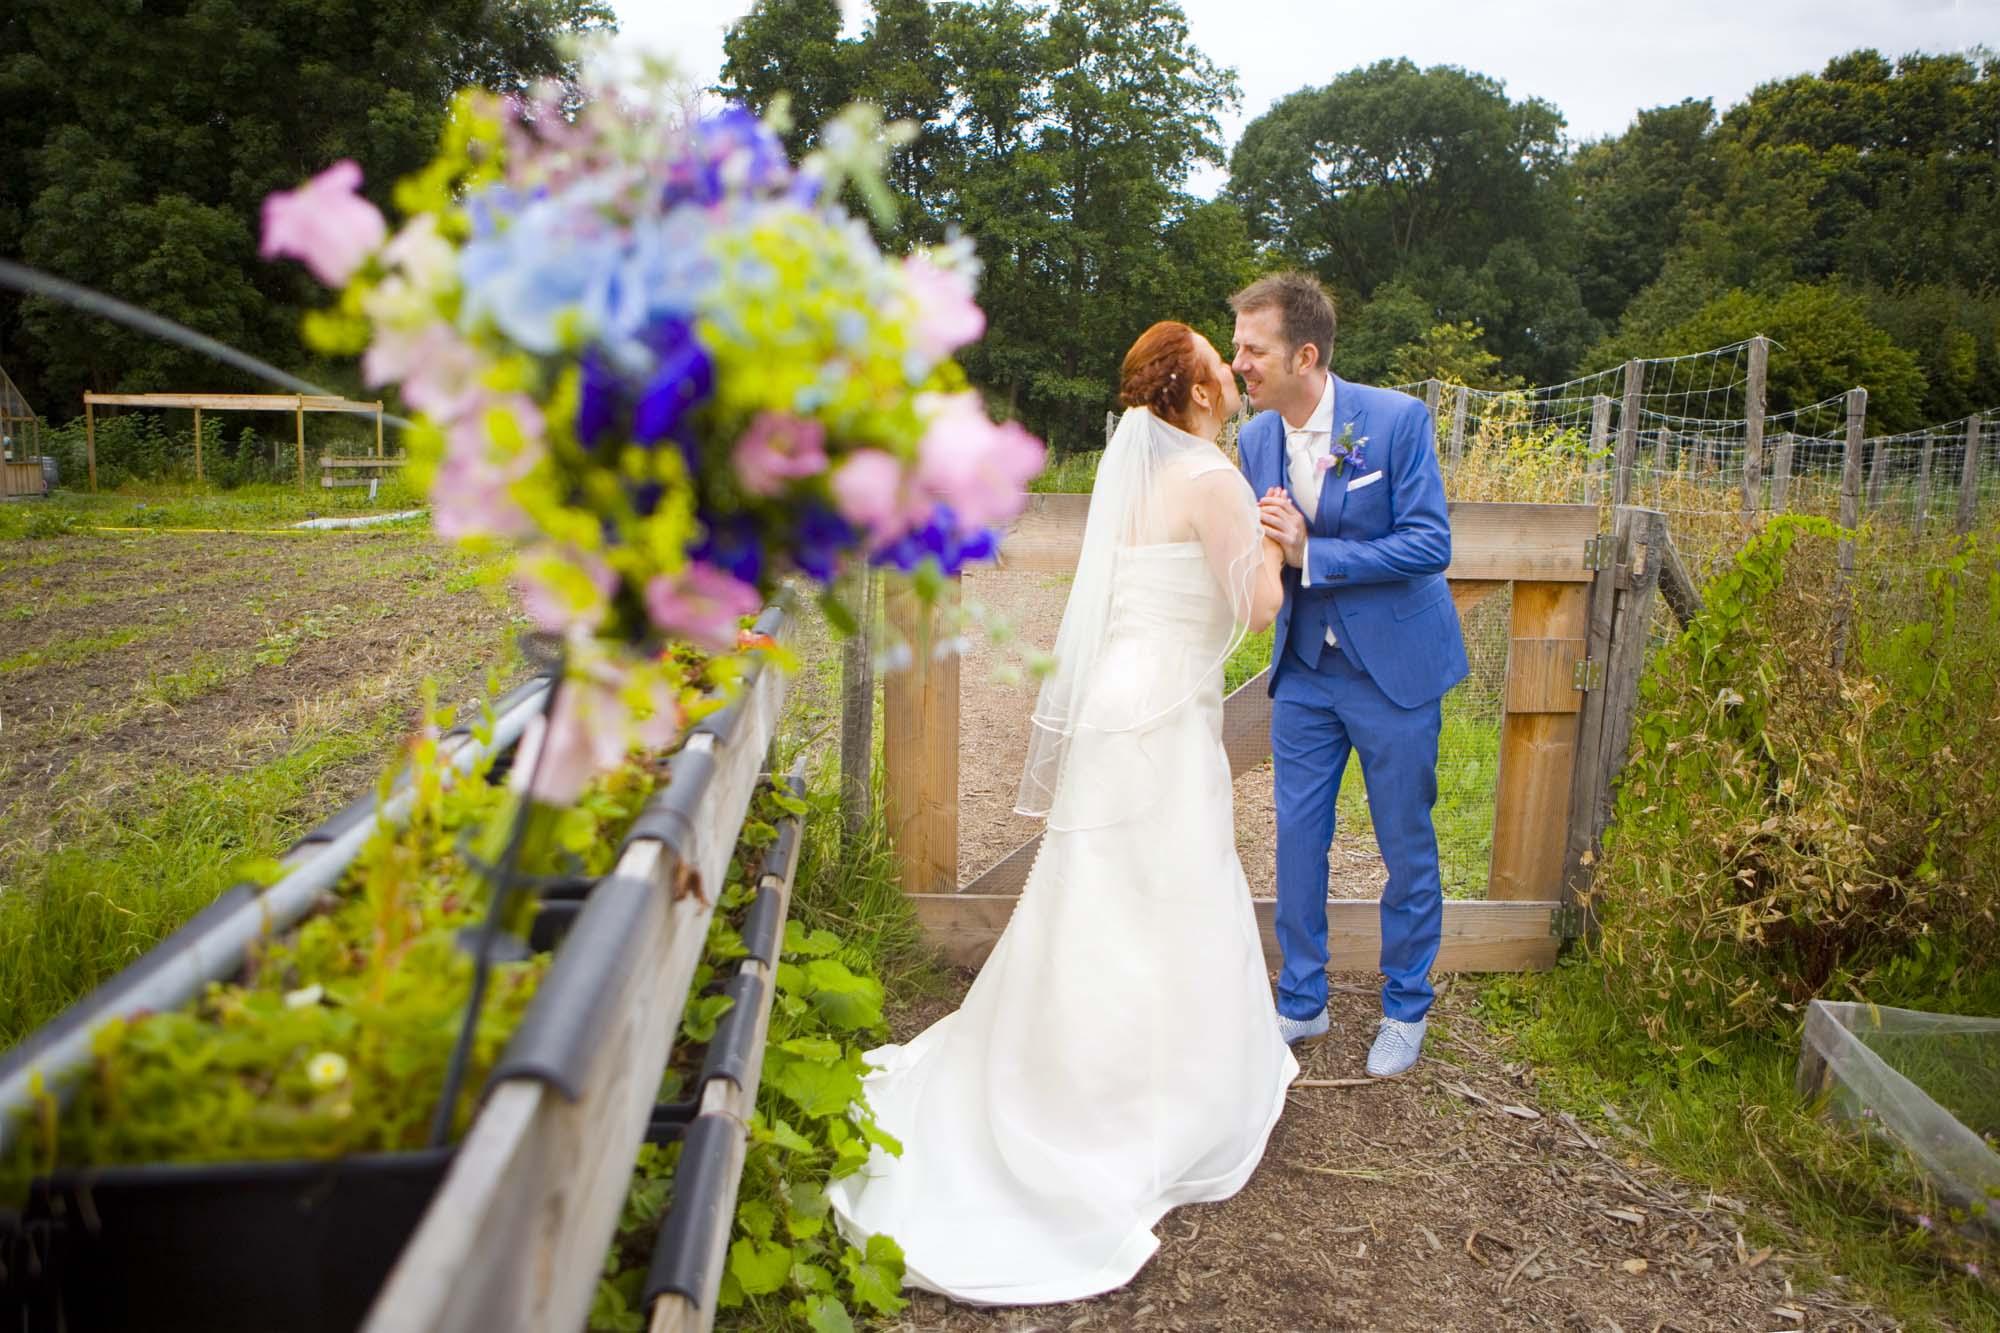 kus bruidspaar in tuin bruiloft De Hertenhorst Delft trouwreportage moestuin Delftse Hout